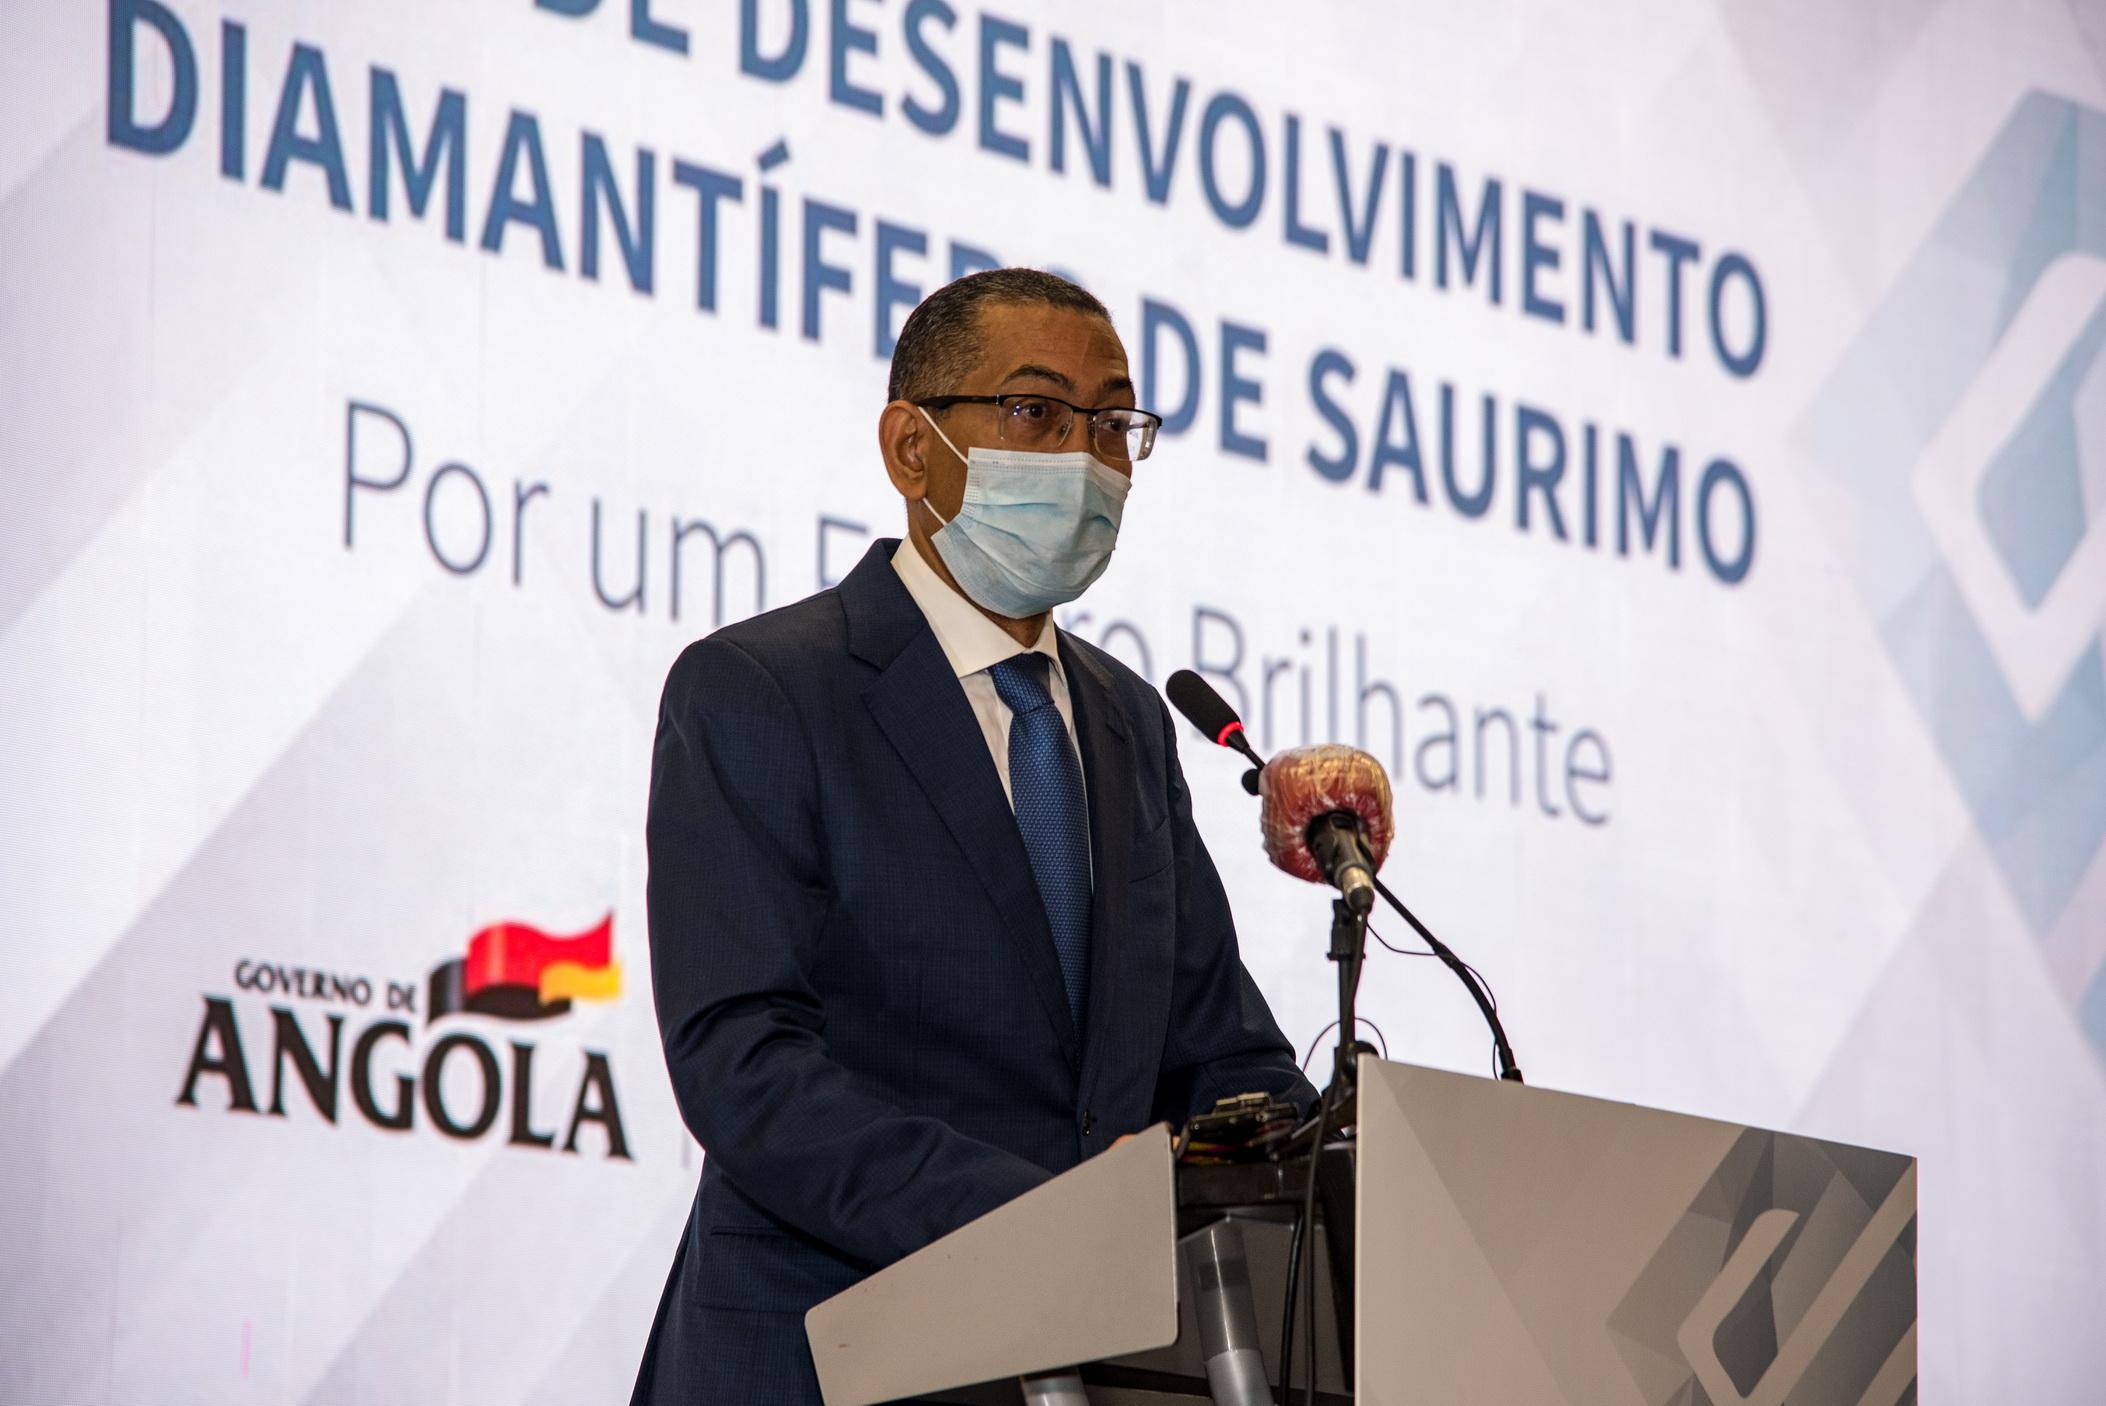 Obras do Pólo de Desenvolvimento Diamantífero de Saurimo com previsão de conclusão para este ano